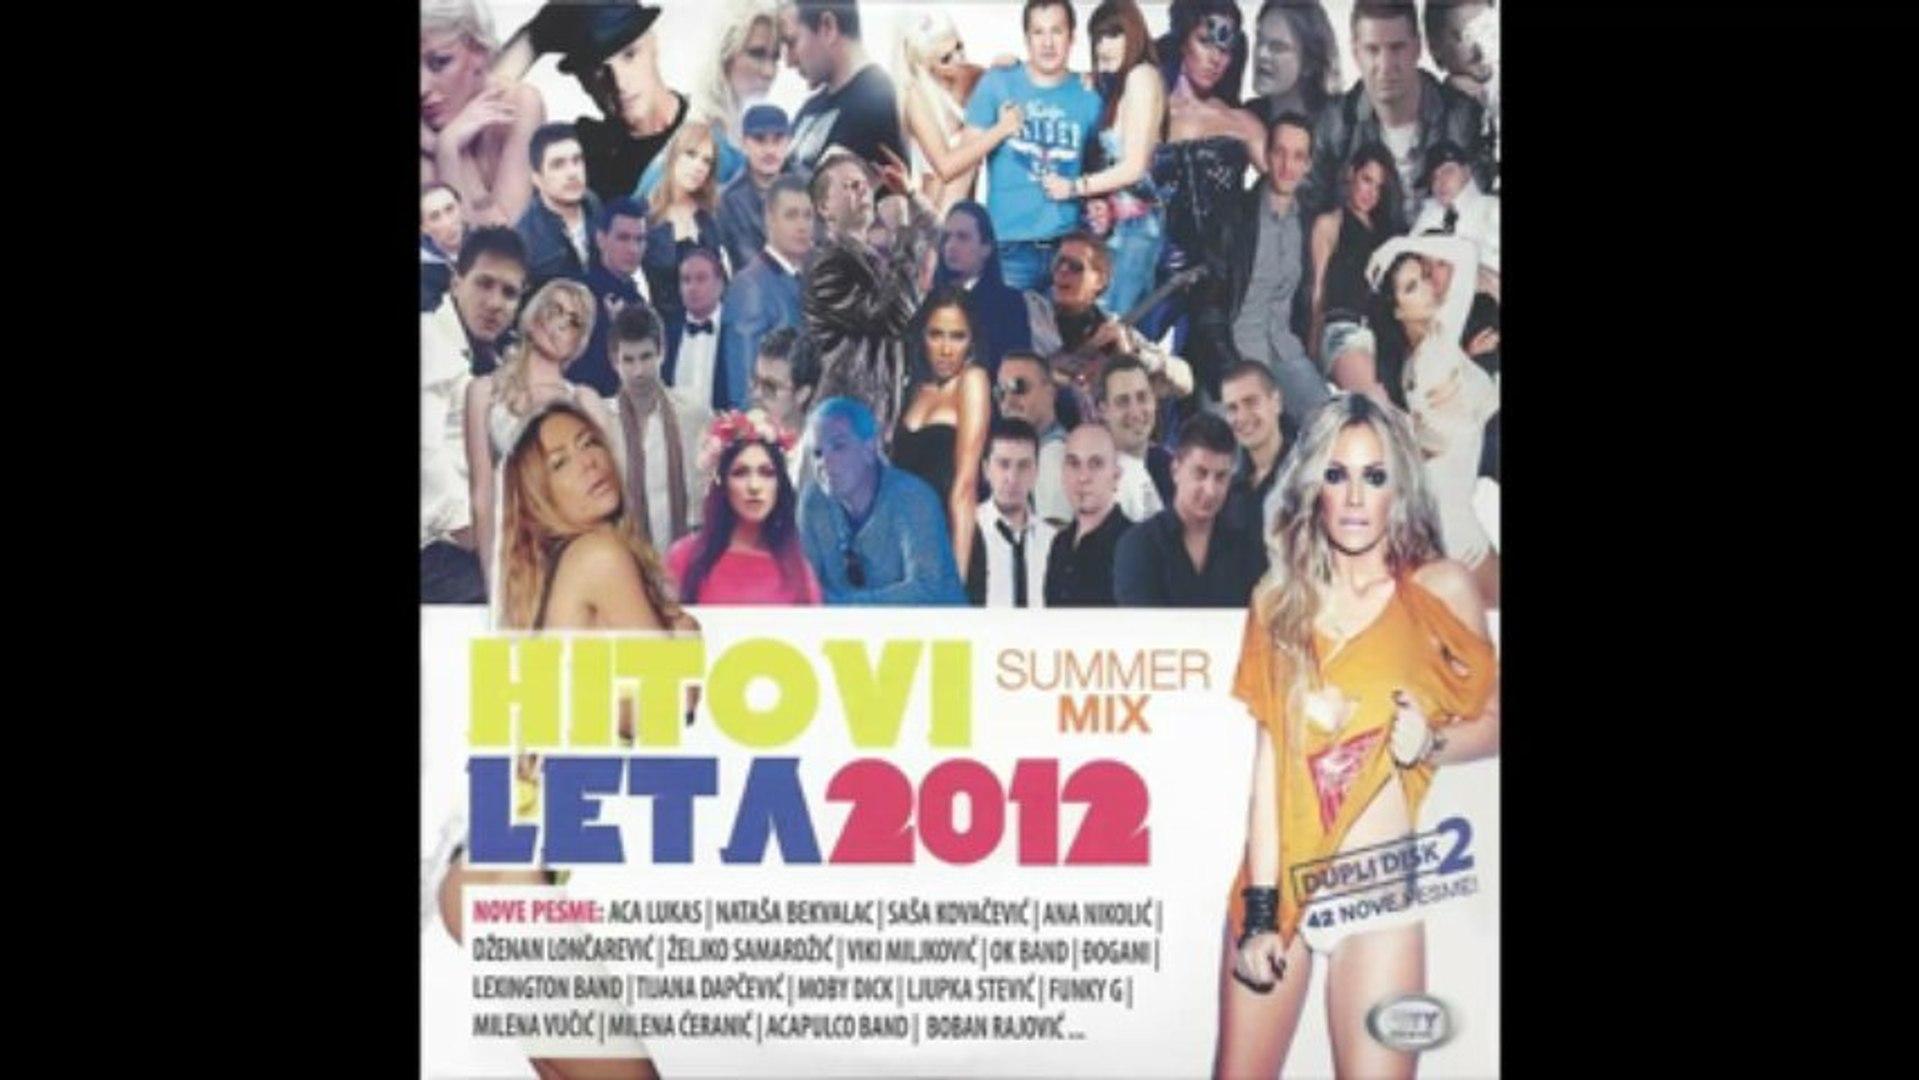 Sasa Kovacevic - Kako posle nas - (Audio 2012) HD